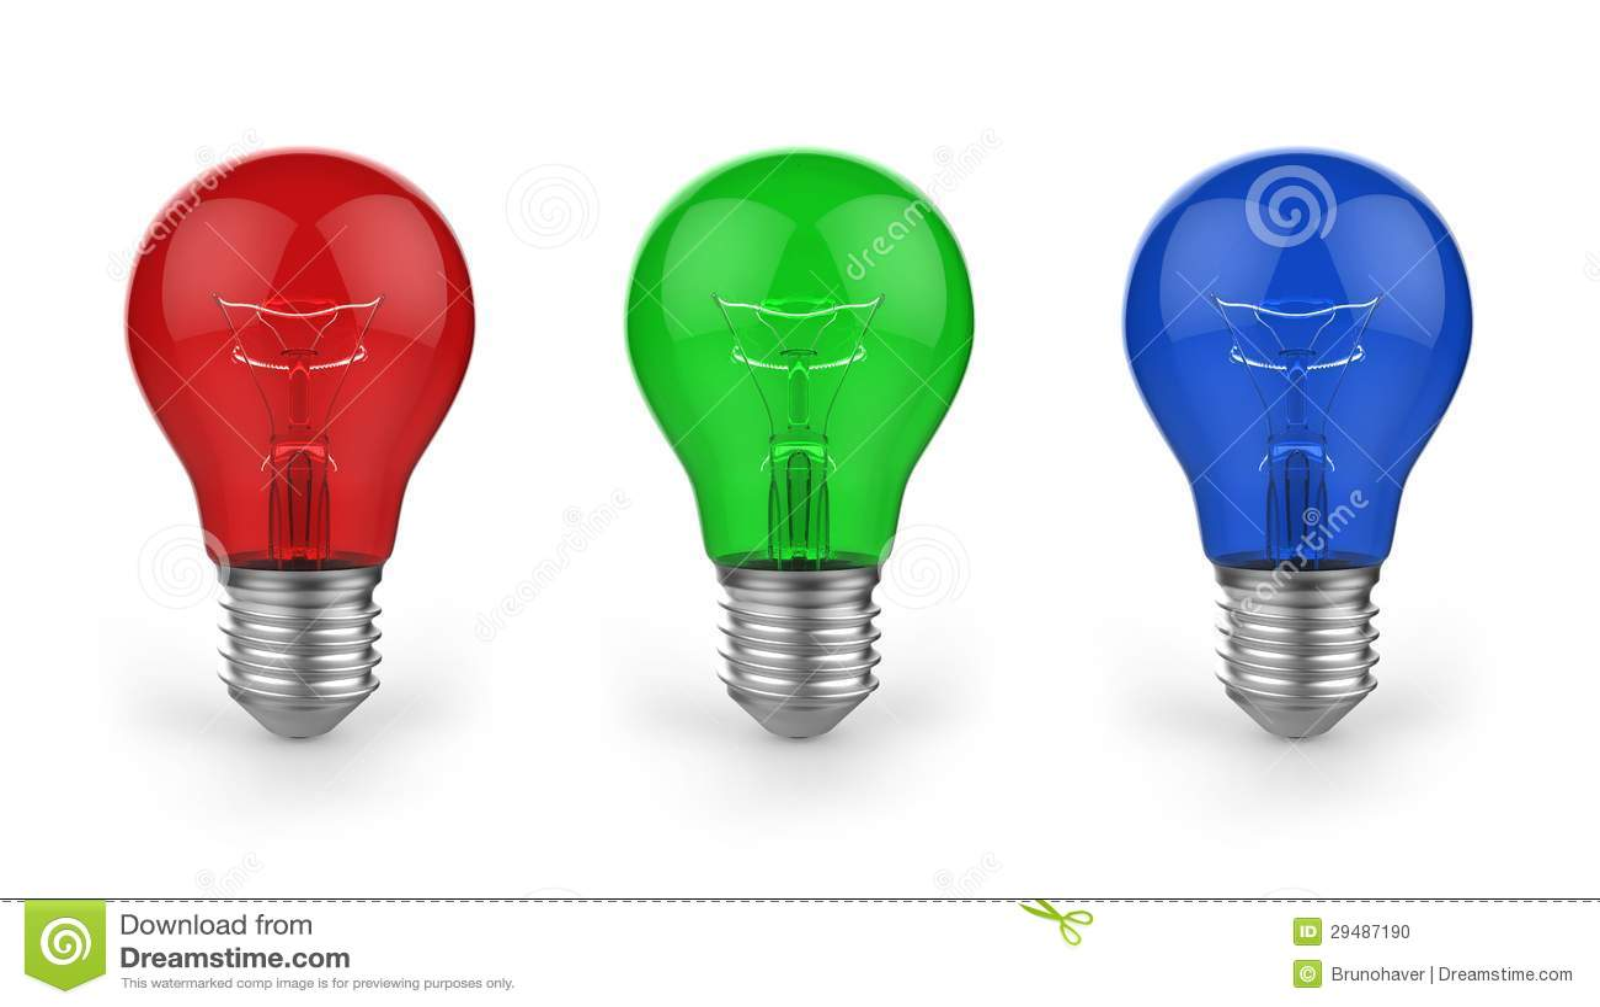 Lampadine Colorate Fotografia Stock - Immagine: 29487190